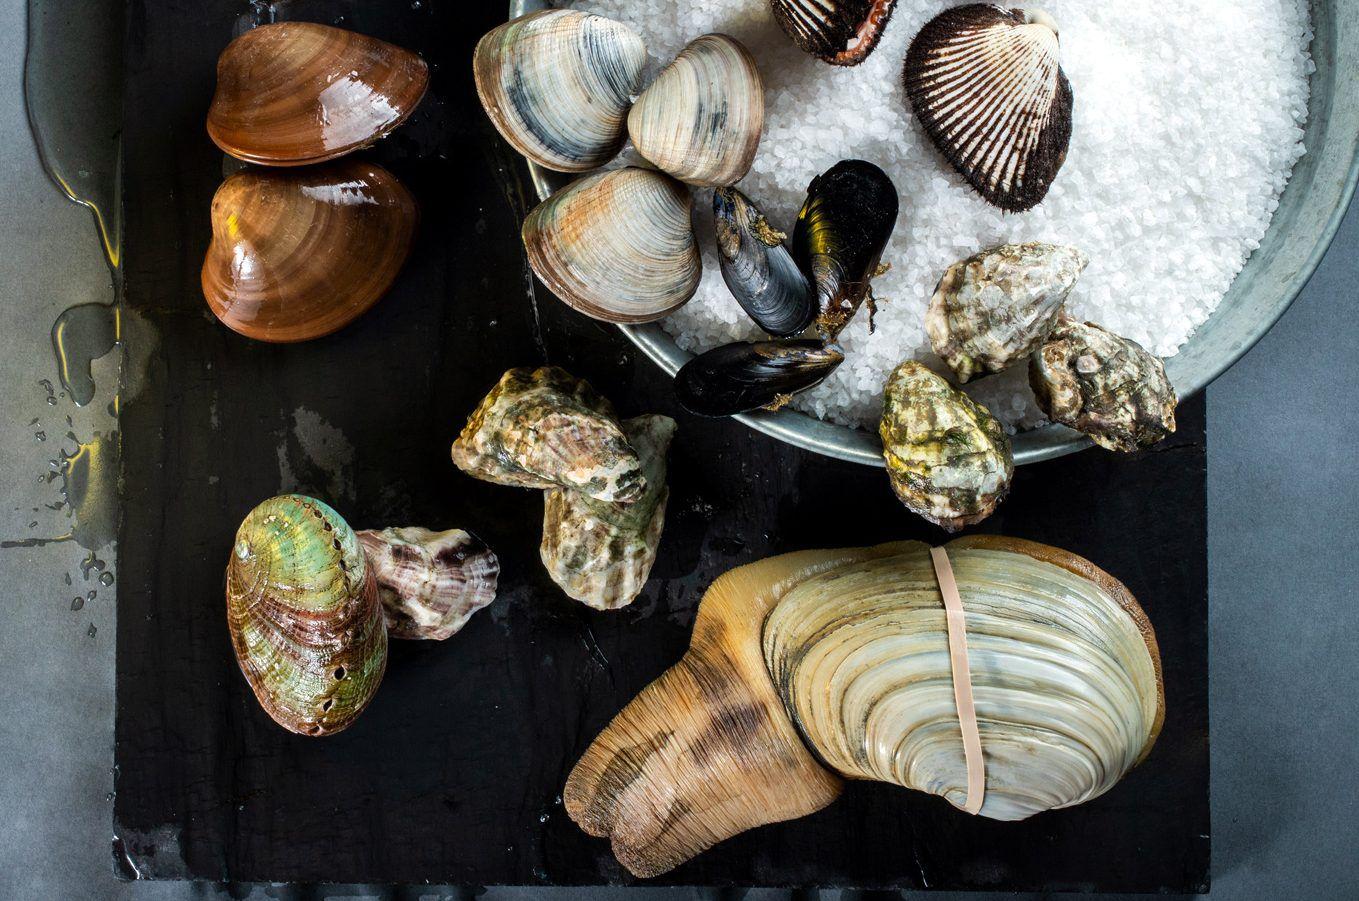 A los mercados de mariscos llegan los productos frescos, también algunos congelados, pero son expertos en recibir productos marinos y tratarlos. AGENCIA REFORMA